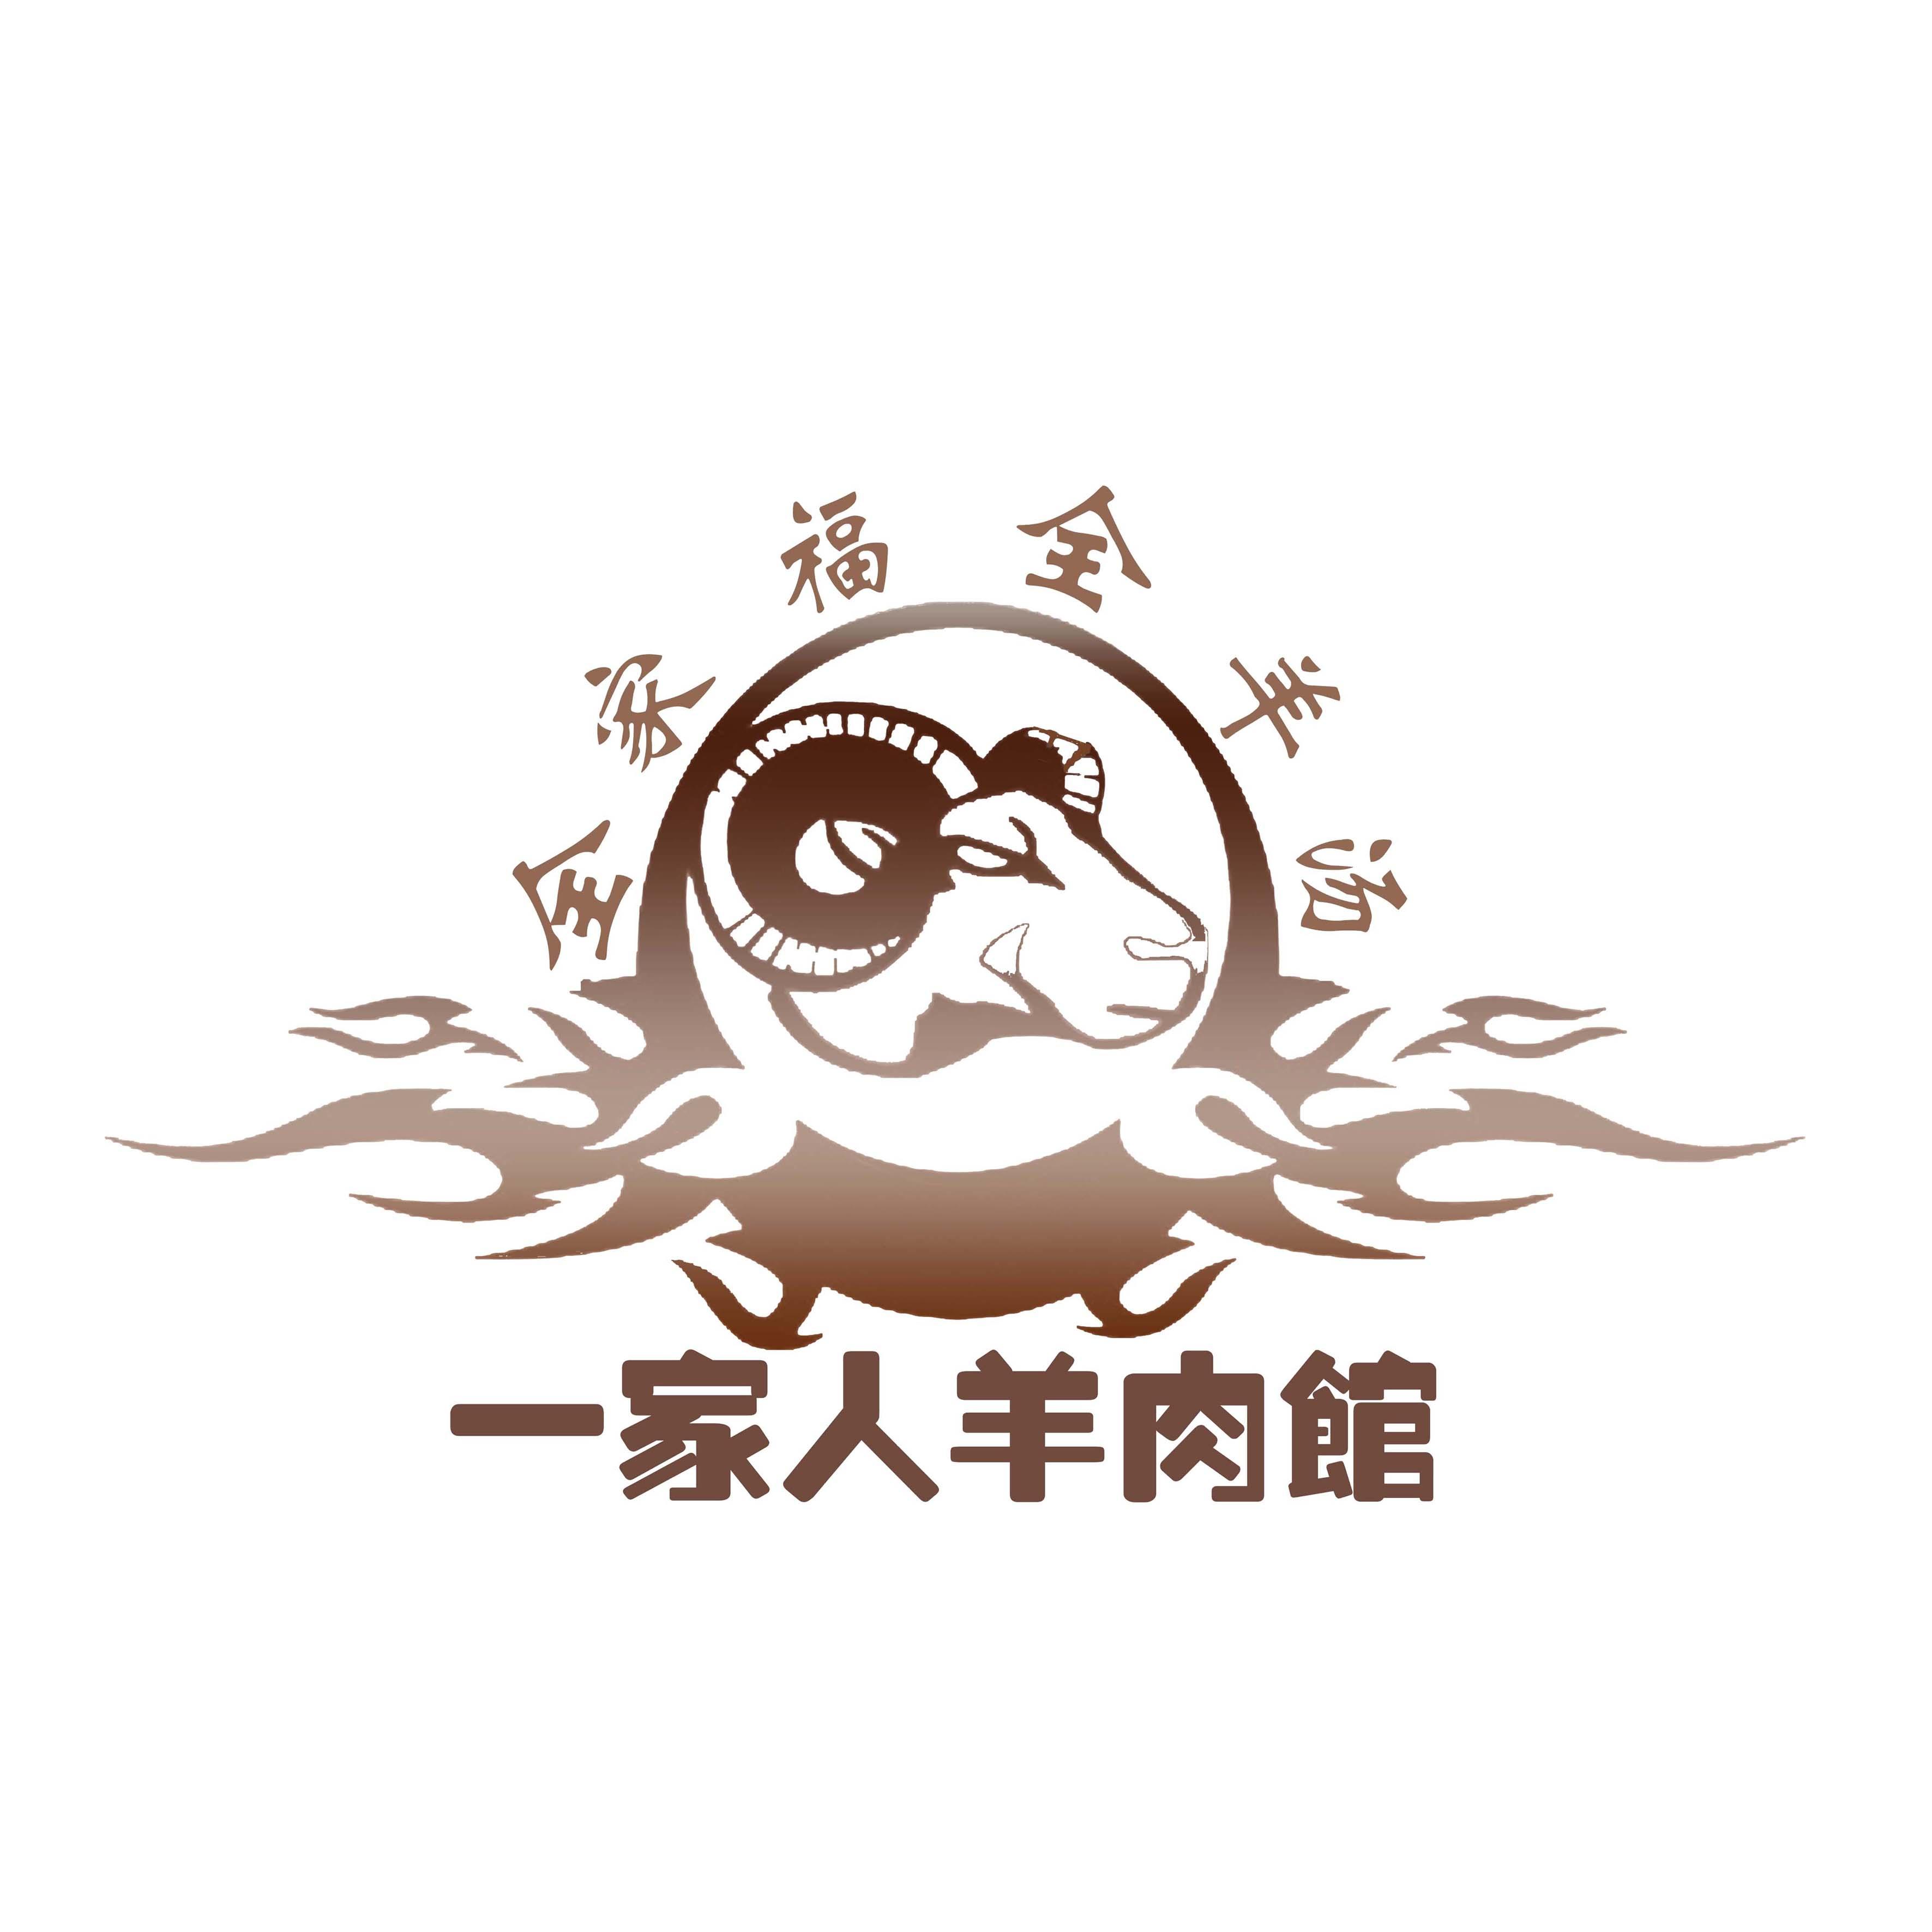 餐饮连锁logo设计说明